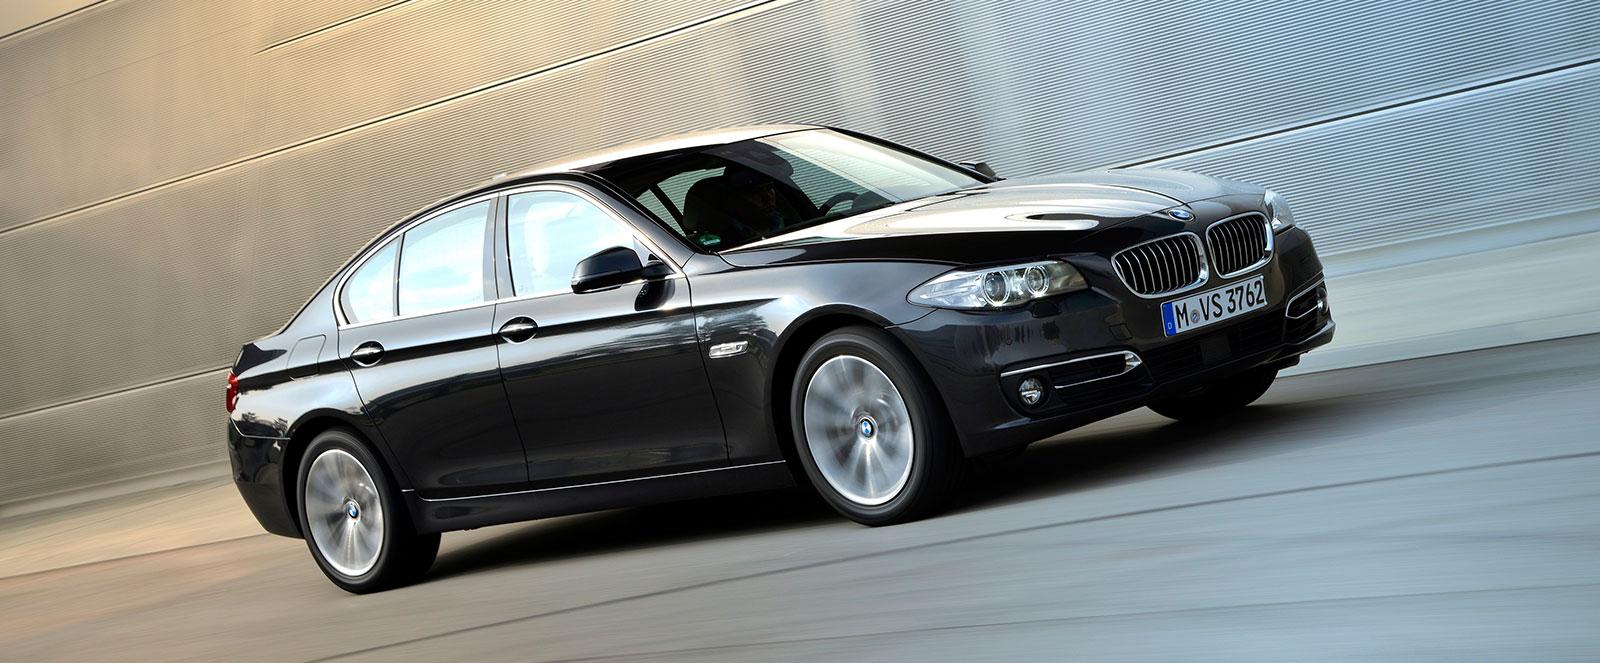 Prestige Automobile - Preowned Cars